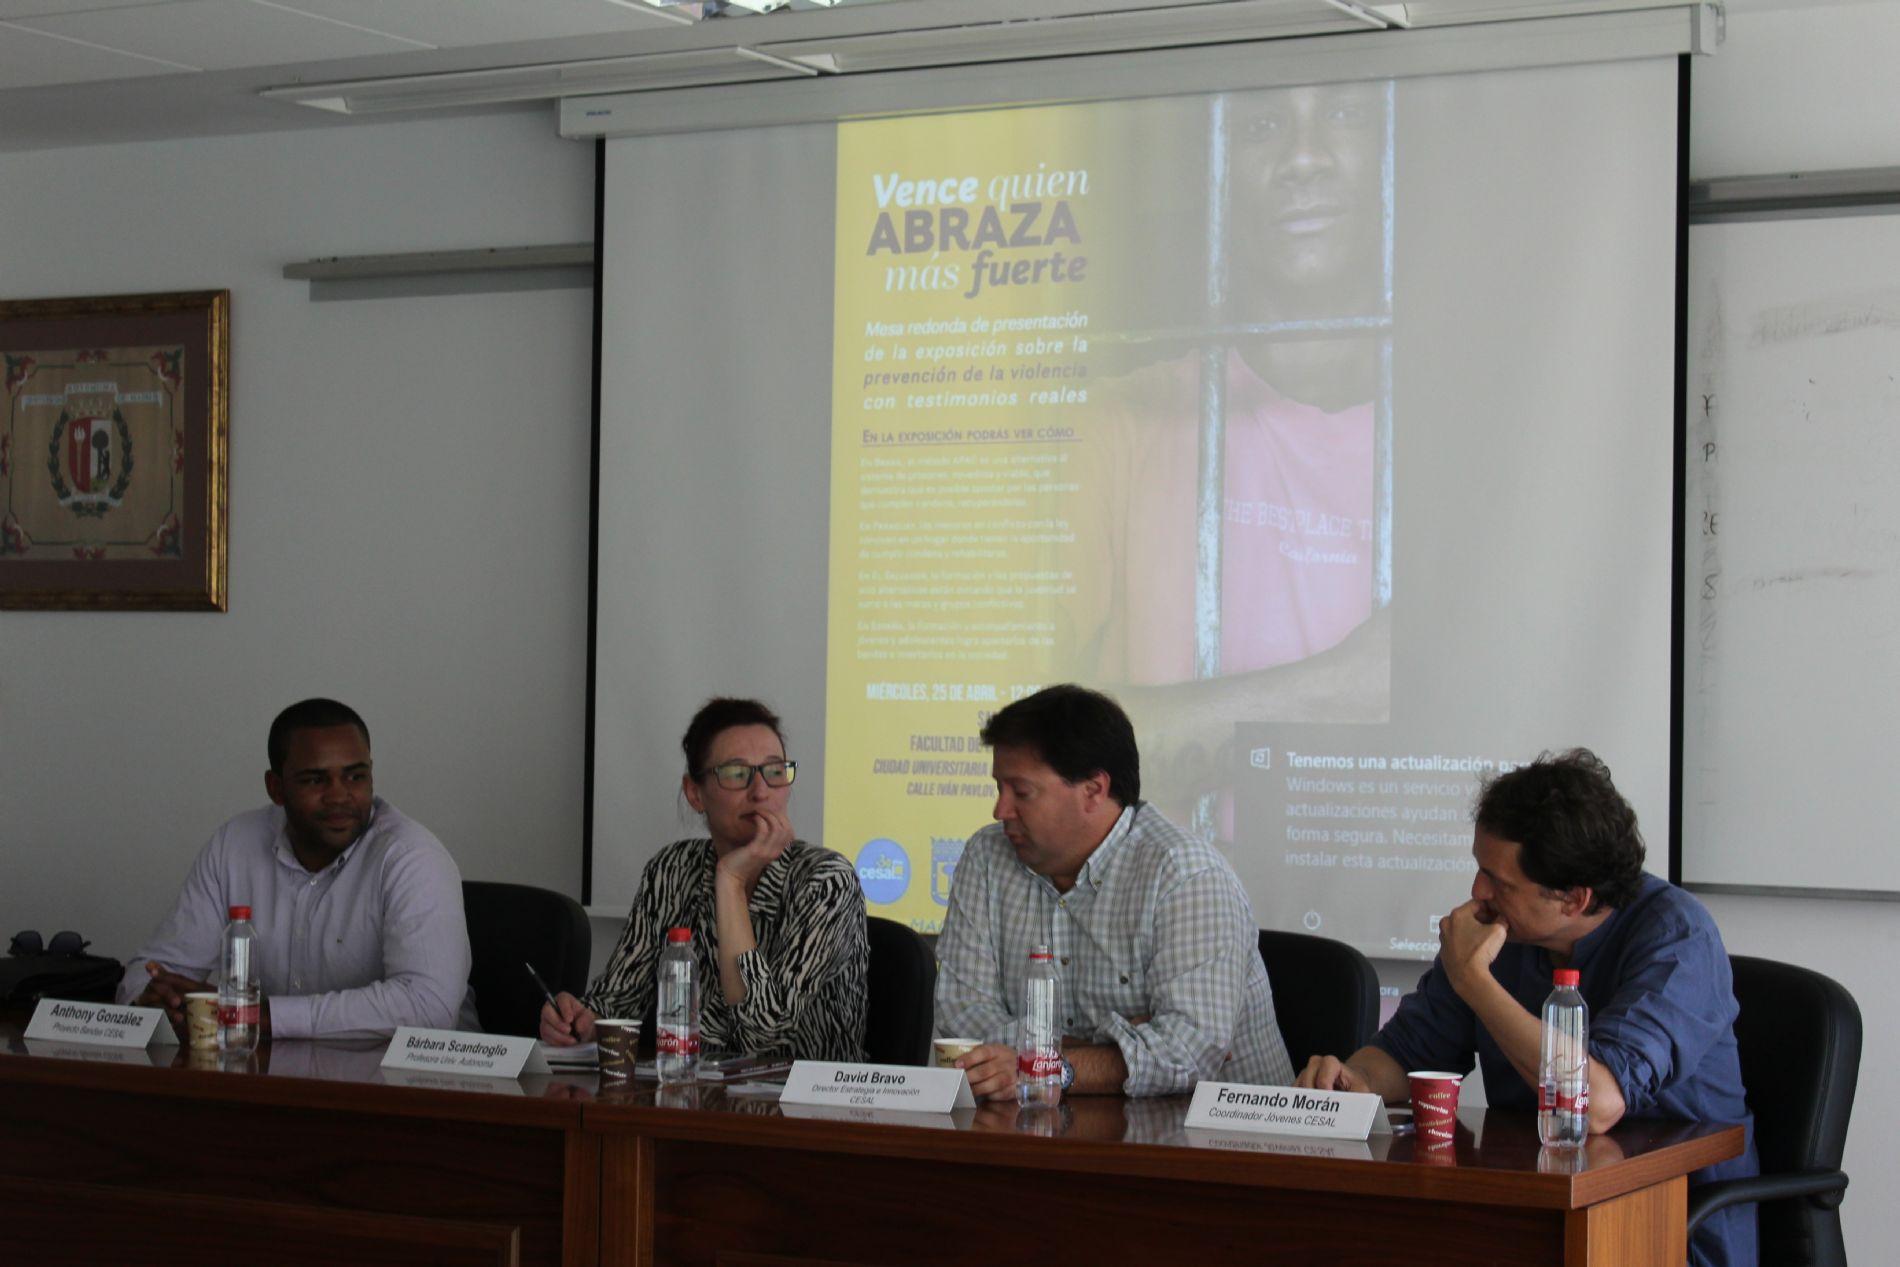 Conferencia en la Universidad Autónoma de Madrid